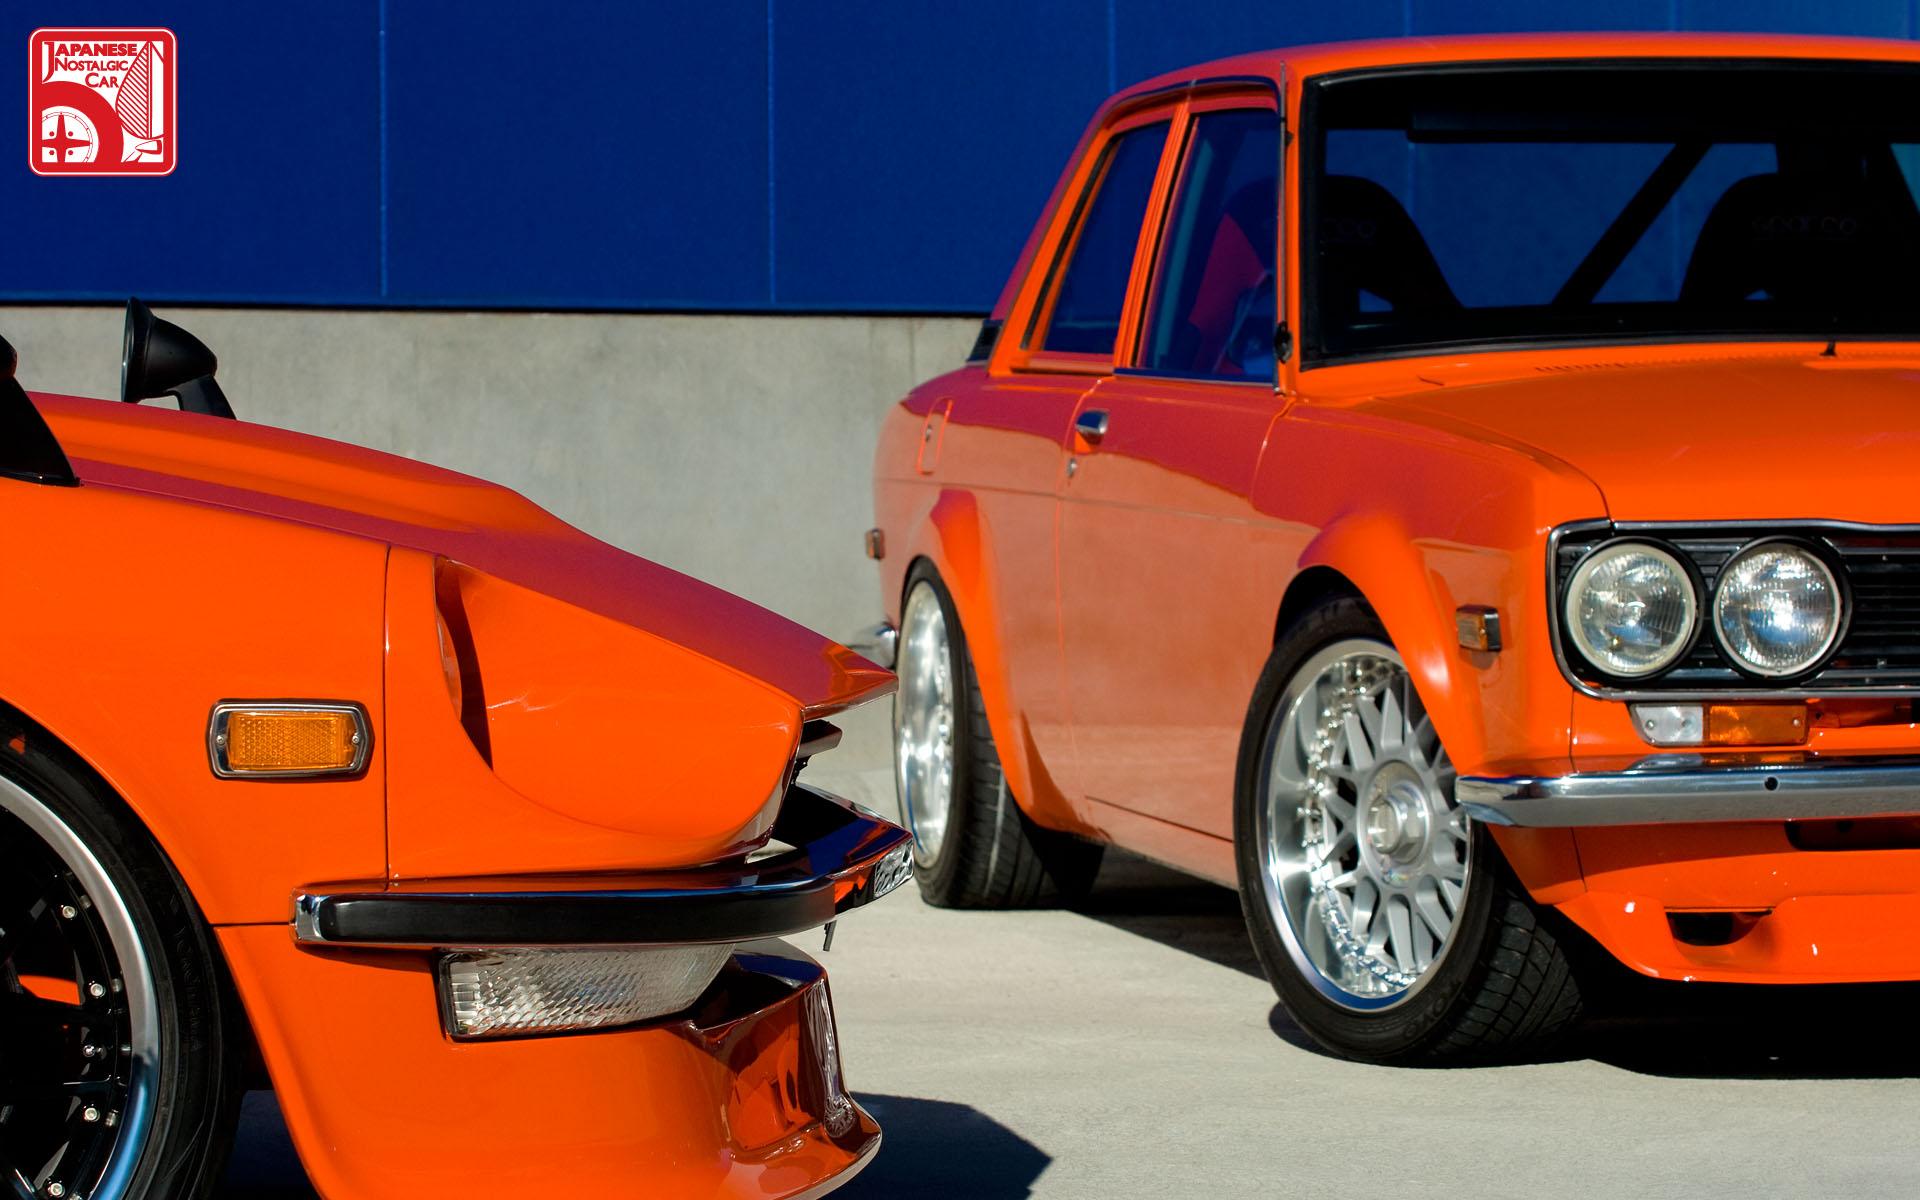 Car Wallpaper 240z Wednesday Wall Original Feature Datsun 240z Amp 510